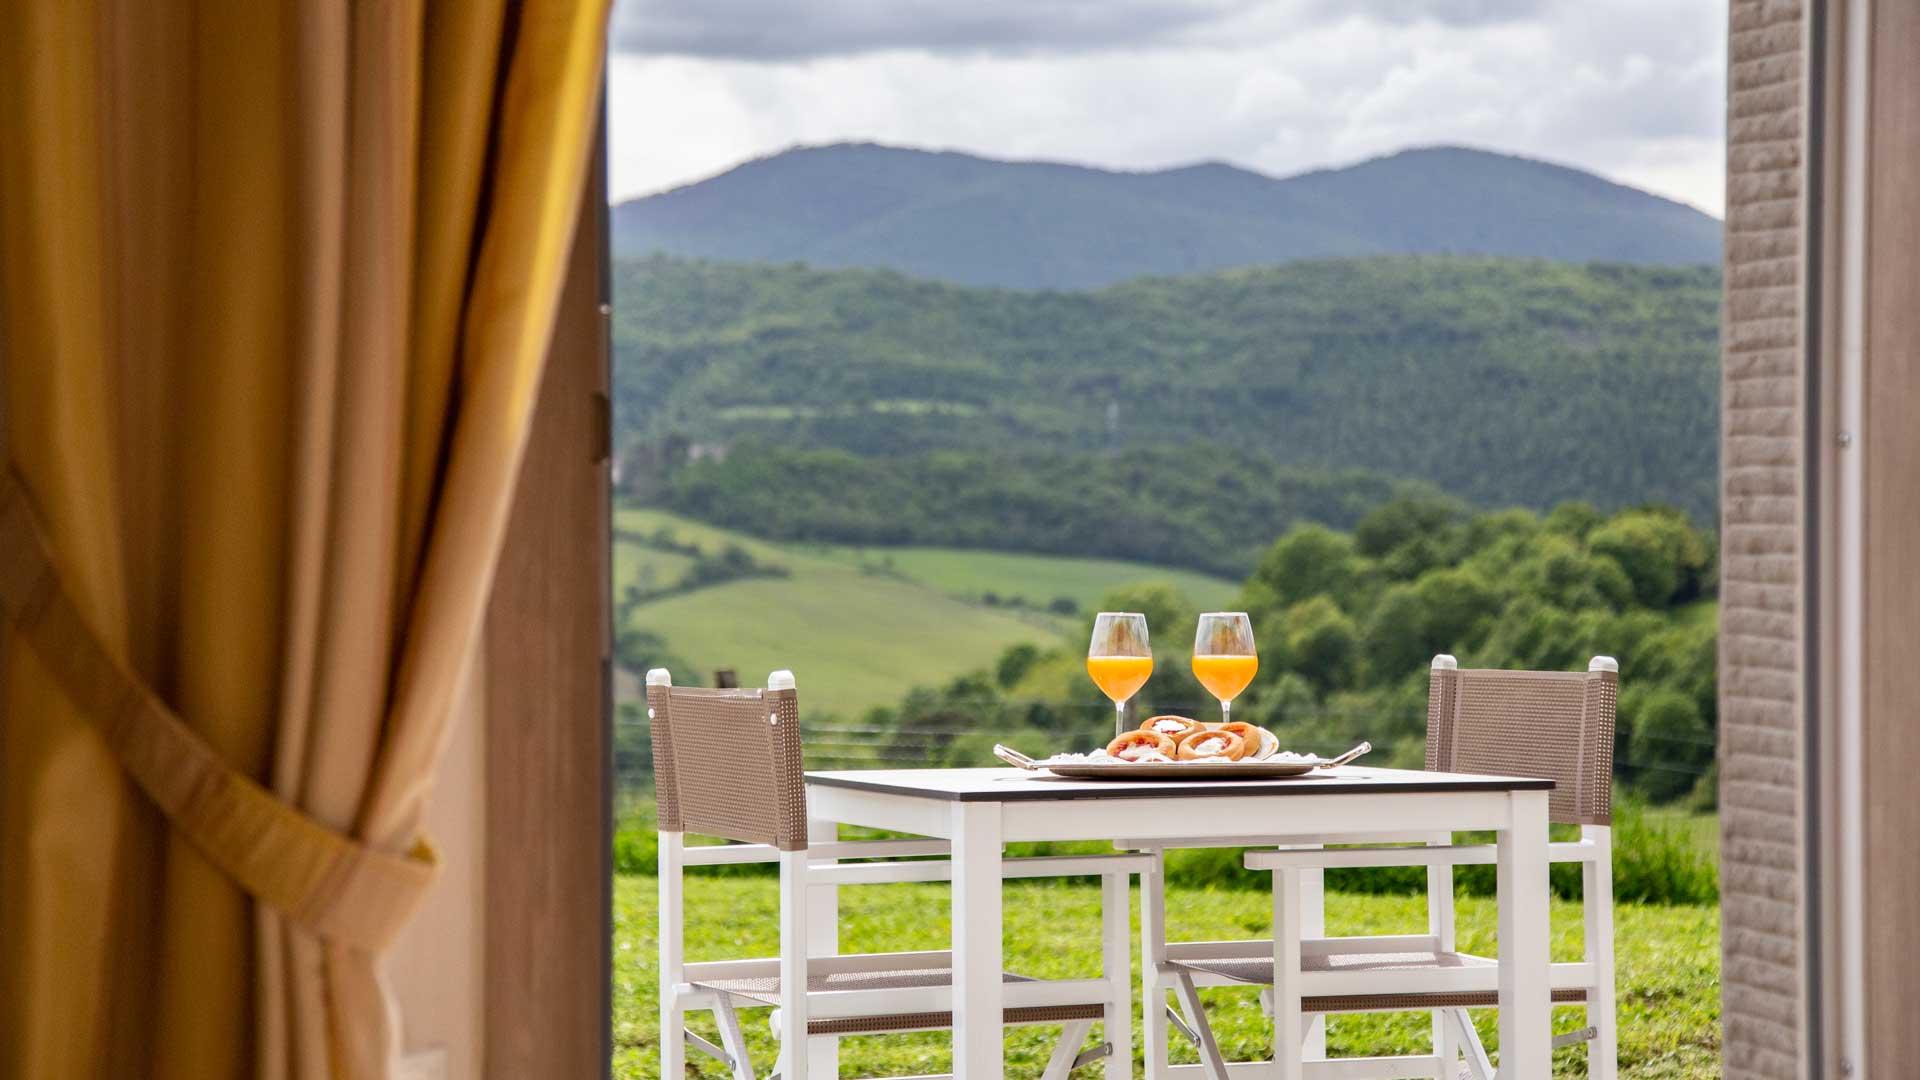 terrazza privata con vista sulla campagna vicino a Firenze